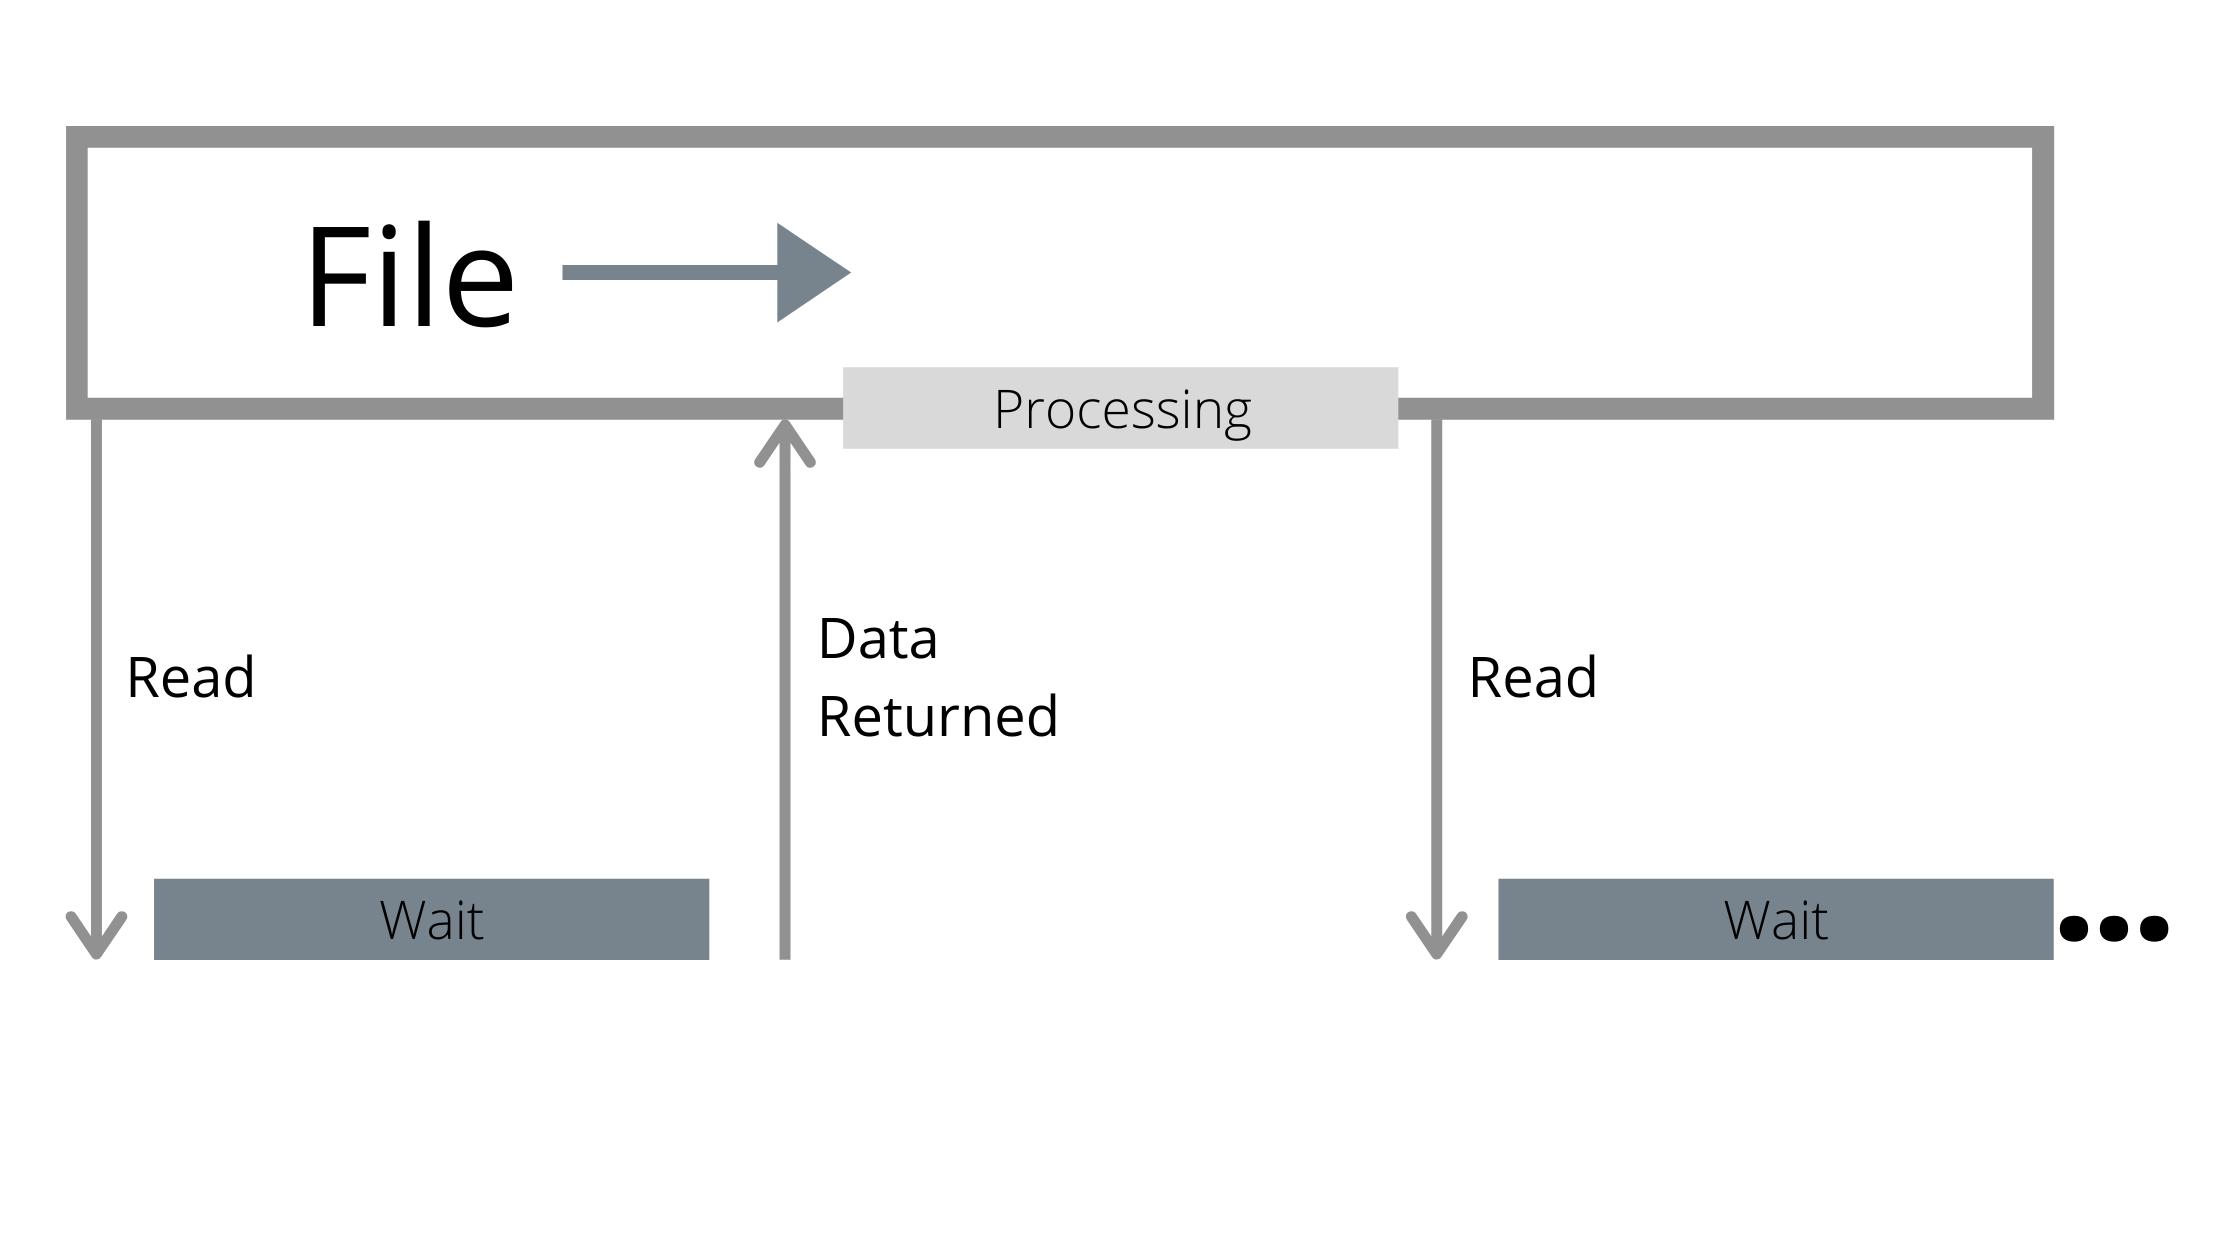 Современные накопители очень быстры, но плохие API это не учитывают - 2